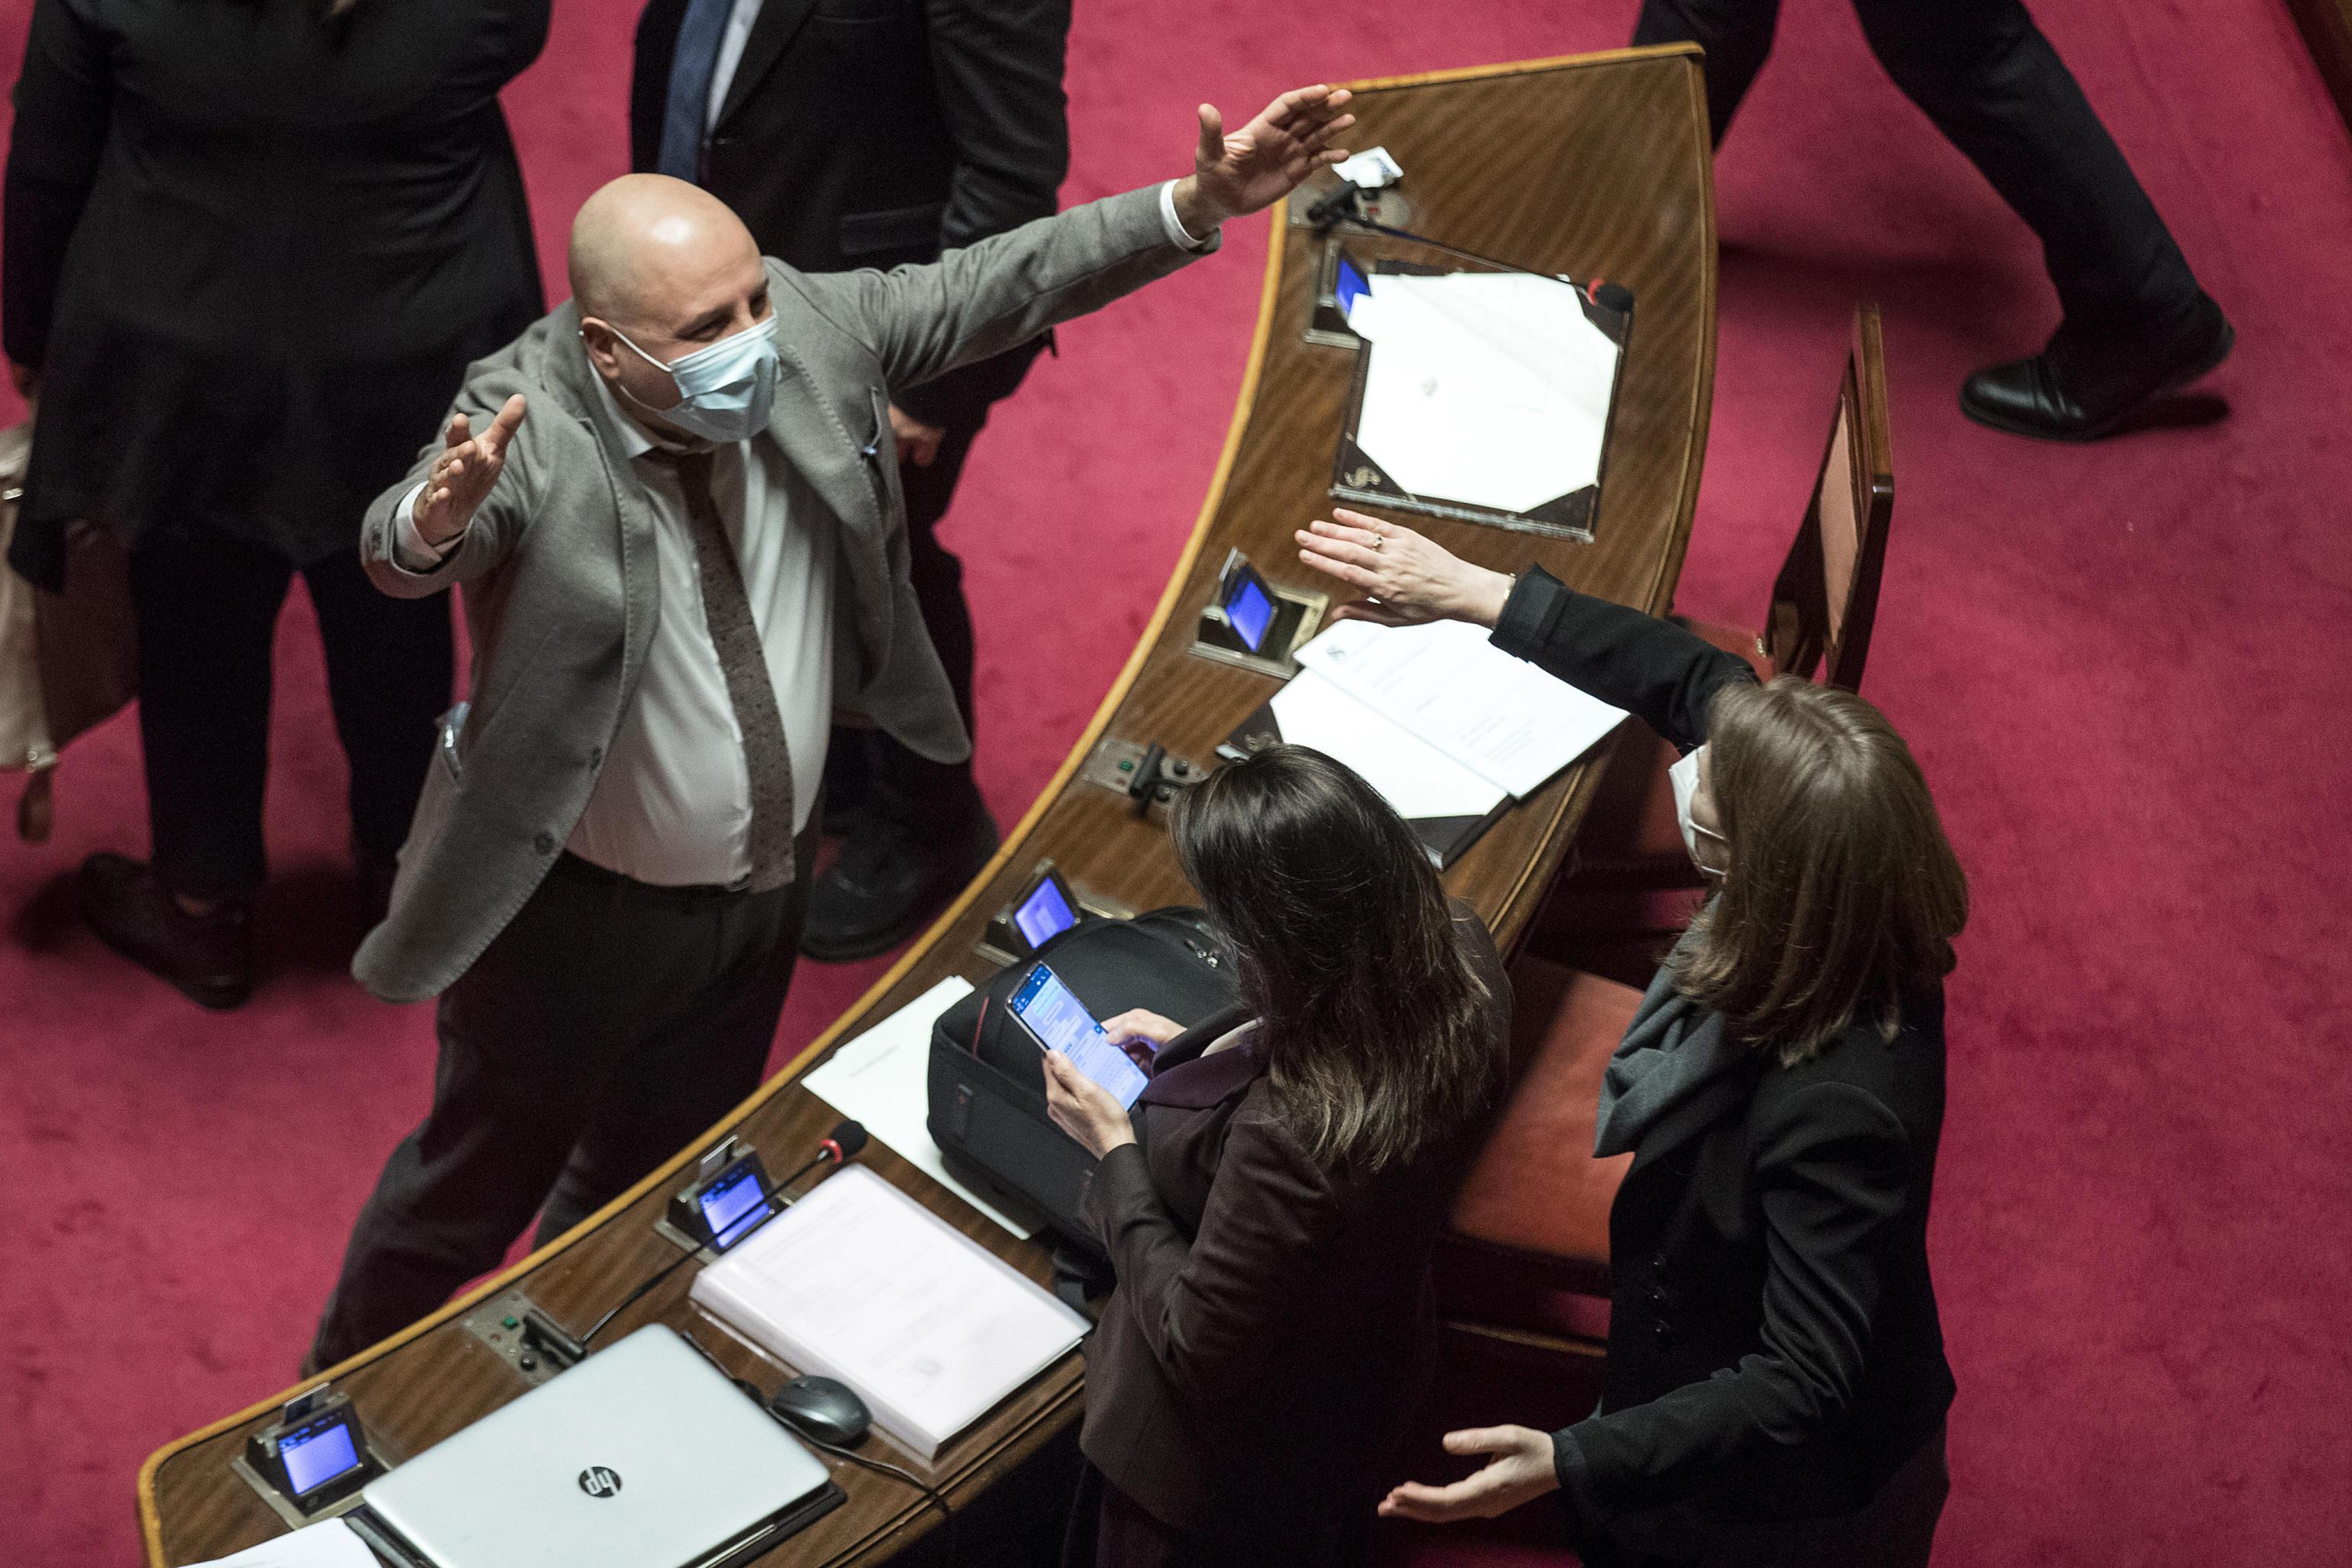 La pattuglia in crescita dei responsabili: chi sono i senatori da ieri in maggioranza e chi sta per aggiungersi